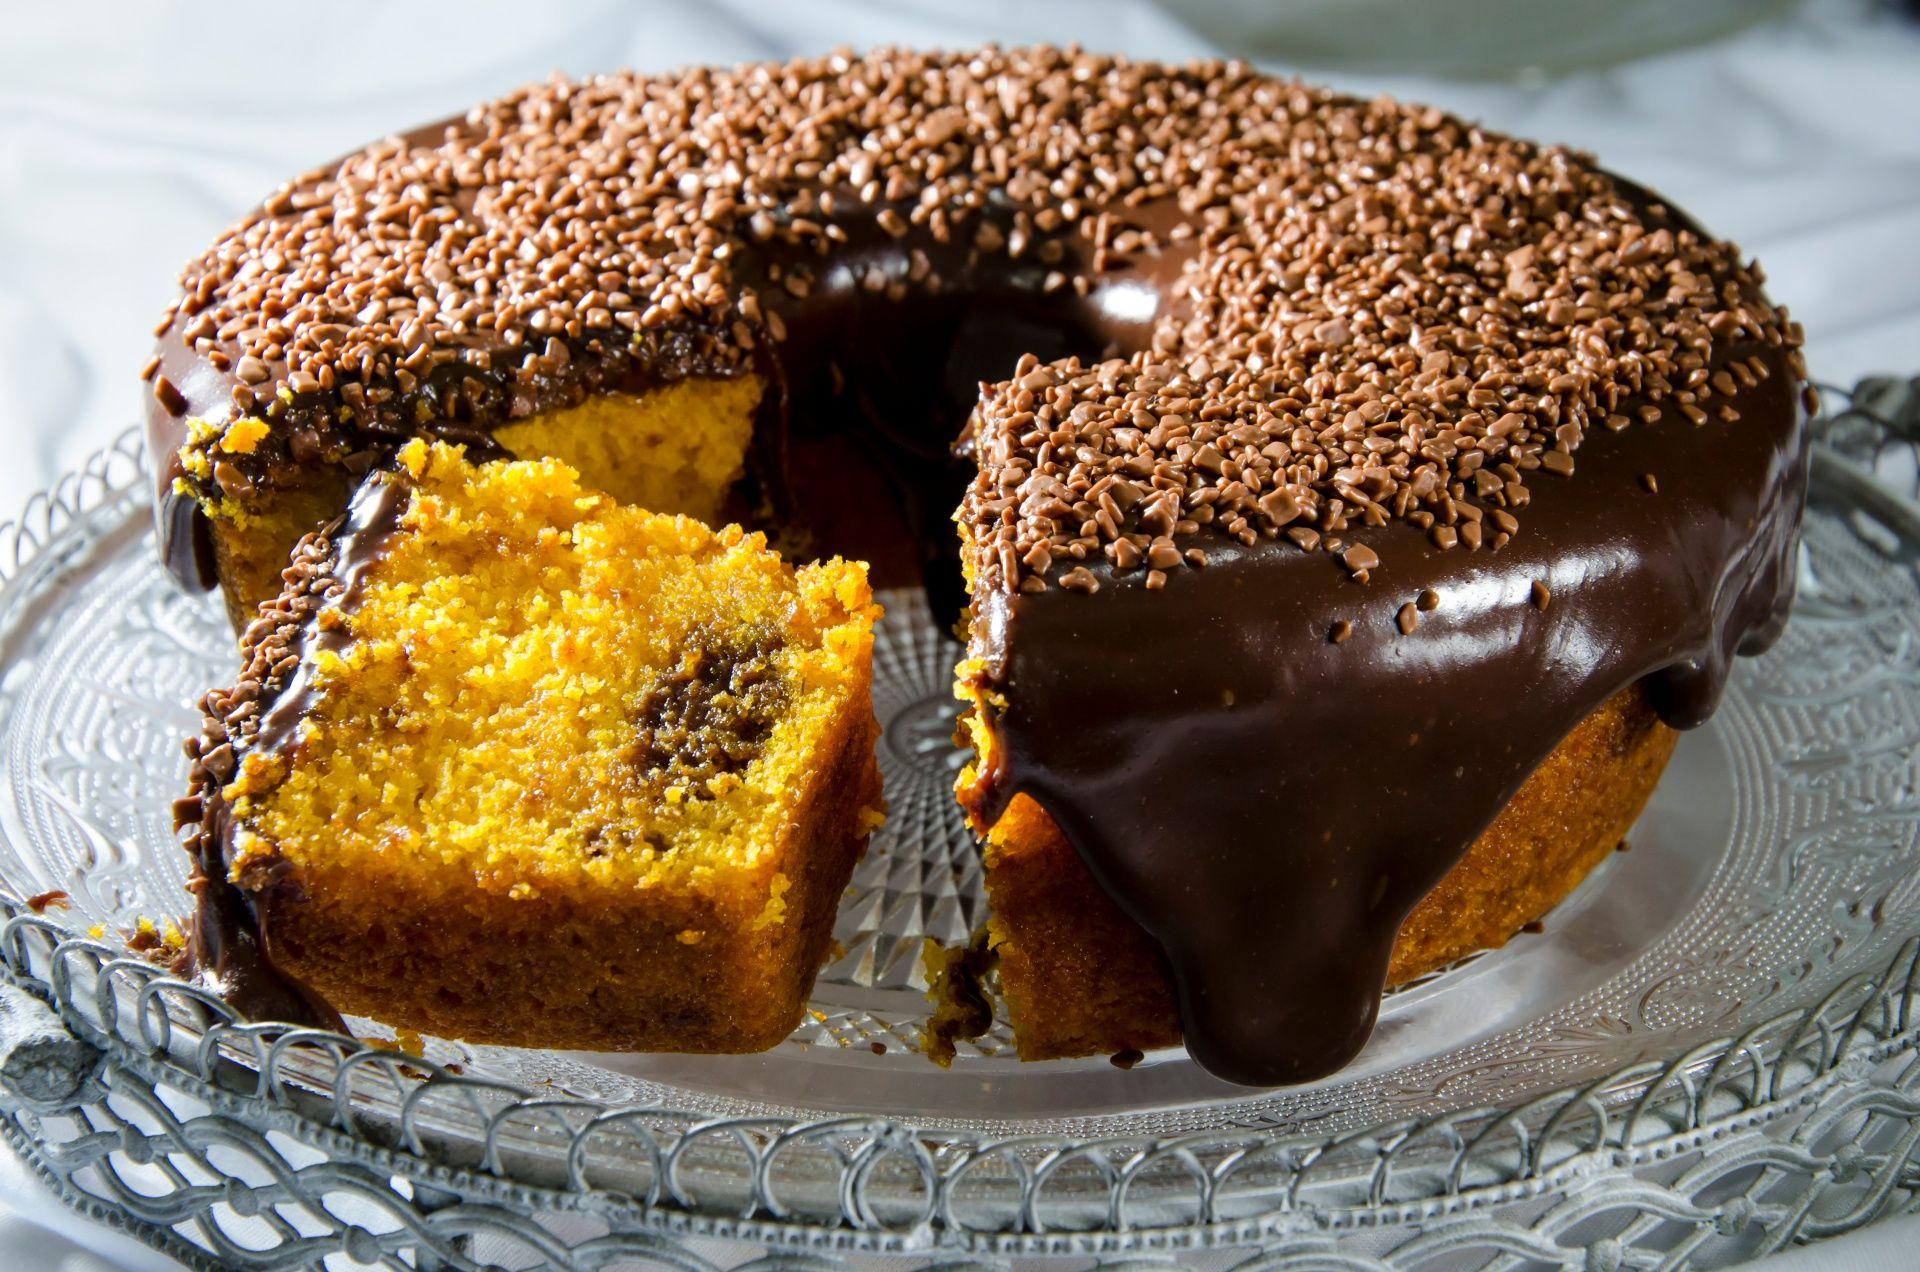 Bolo de cenoura com calda de chocolate e granulados por cima e fatia cortada